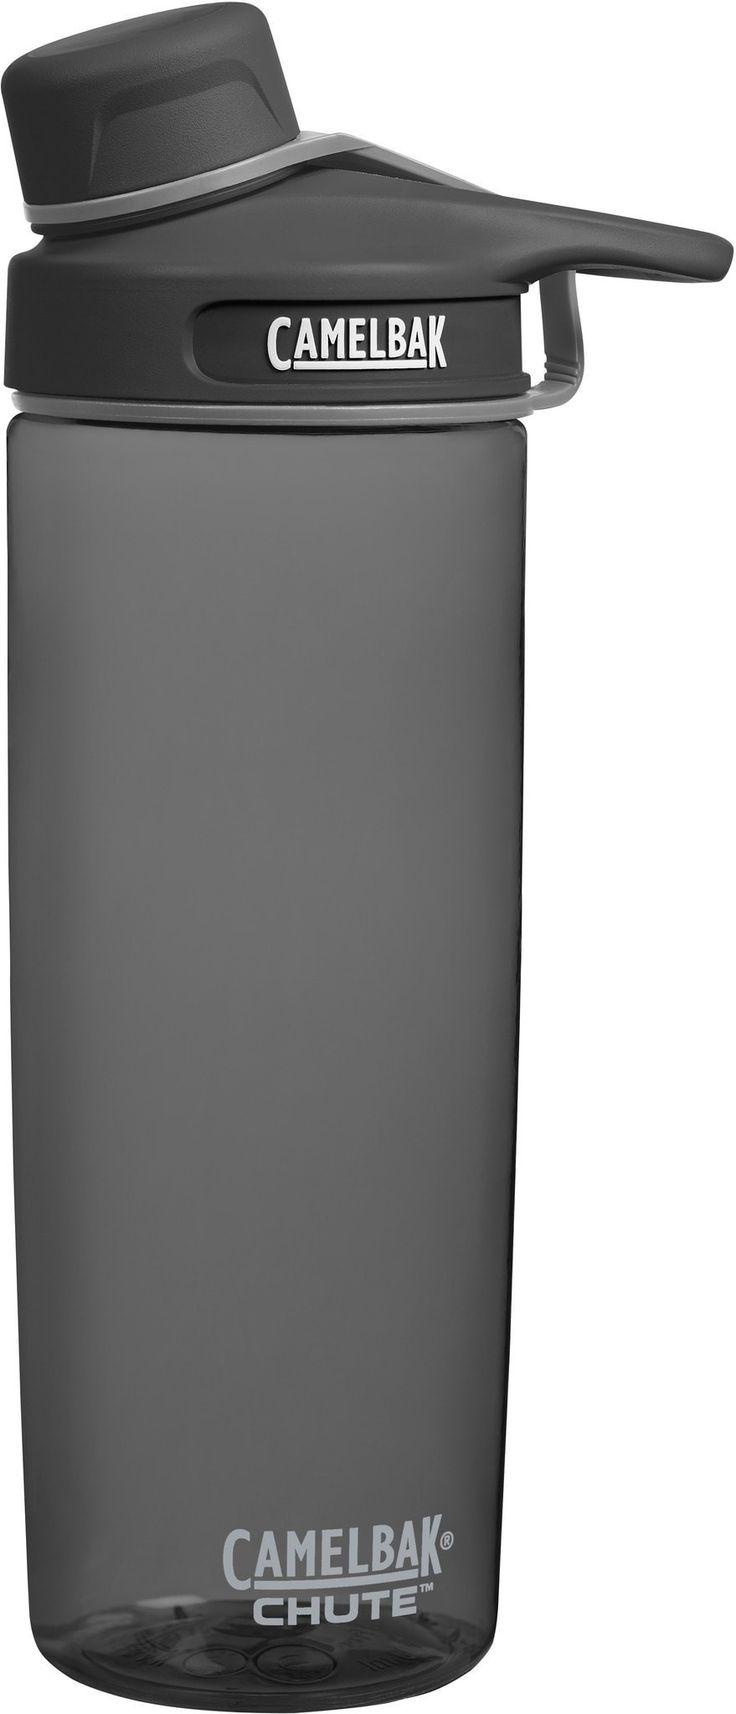 Camelbak .6L Chute BPA Free Water Bottle